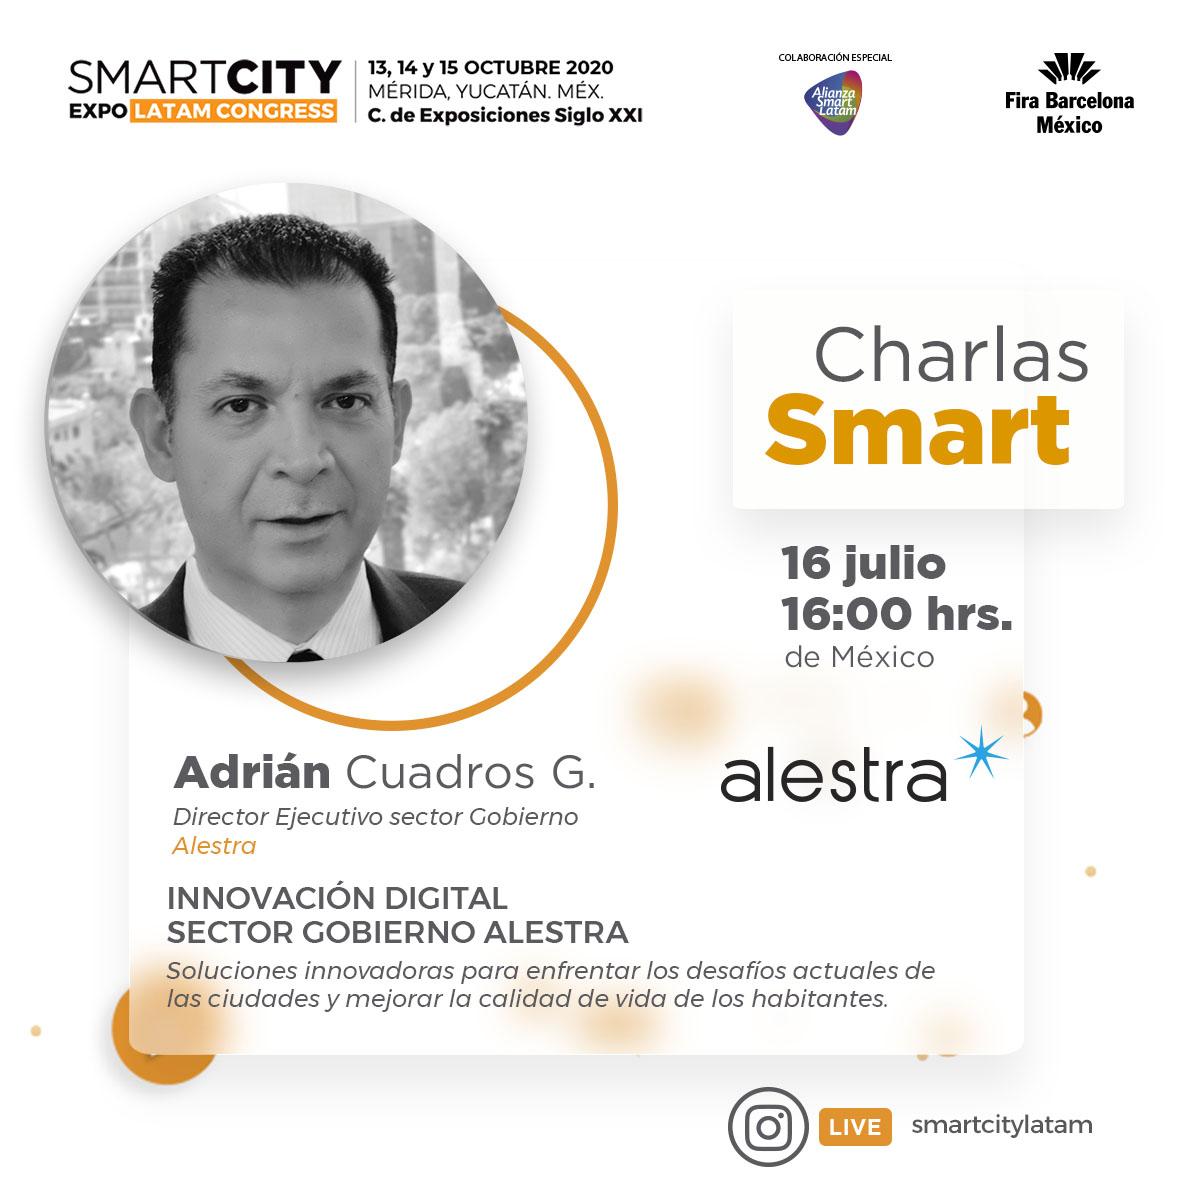 """Informamos a toda nuestra comunidad de #SCELC que la #CharlaSmart """"Innovación Digital sector Gobierno Alestra"""", programada para hoy, 2 de julio, ha sido re programada para el jueves 16 de julio de 2020 a las 16:00 Hrs. México. https://t.co/OA17jkTEkS"""